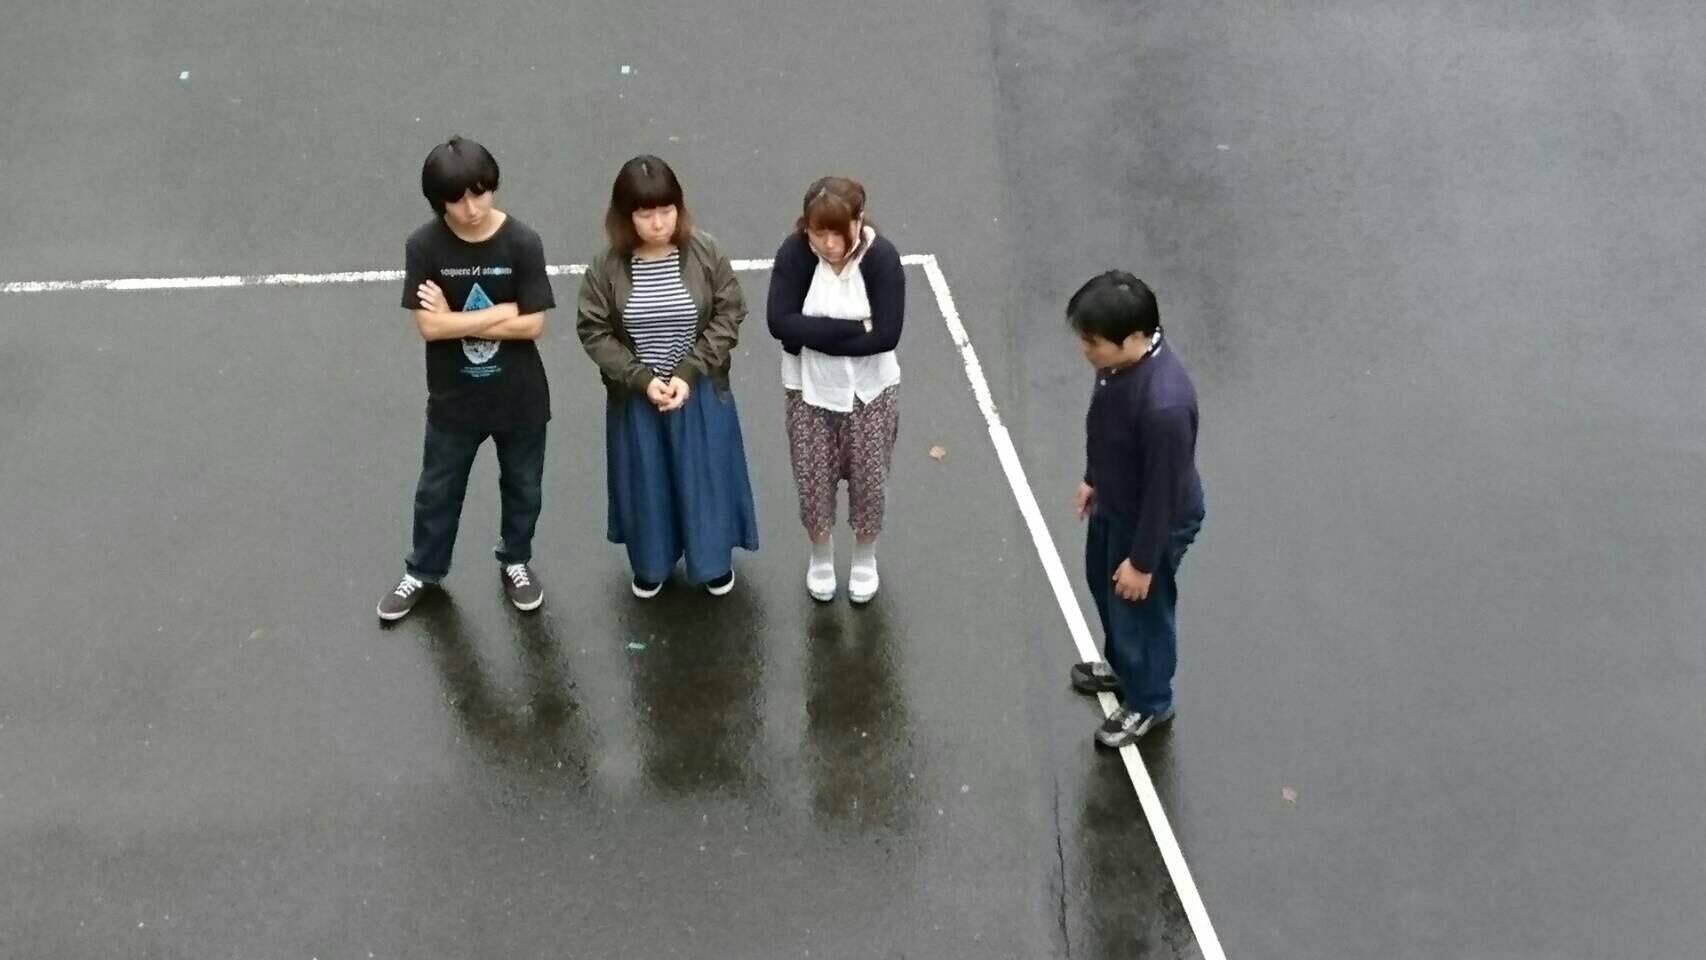 9月23日(金曜日)授業開始だ‼★byゆっき_a0137821_08132163.jpg